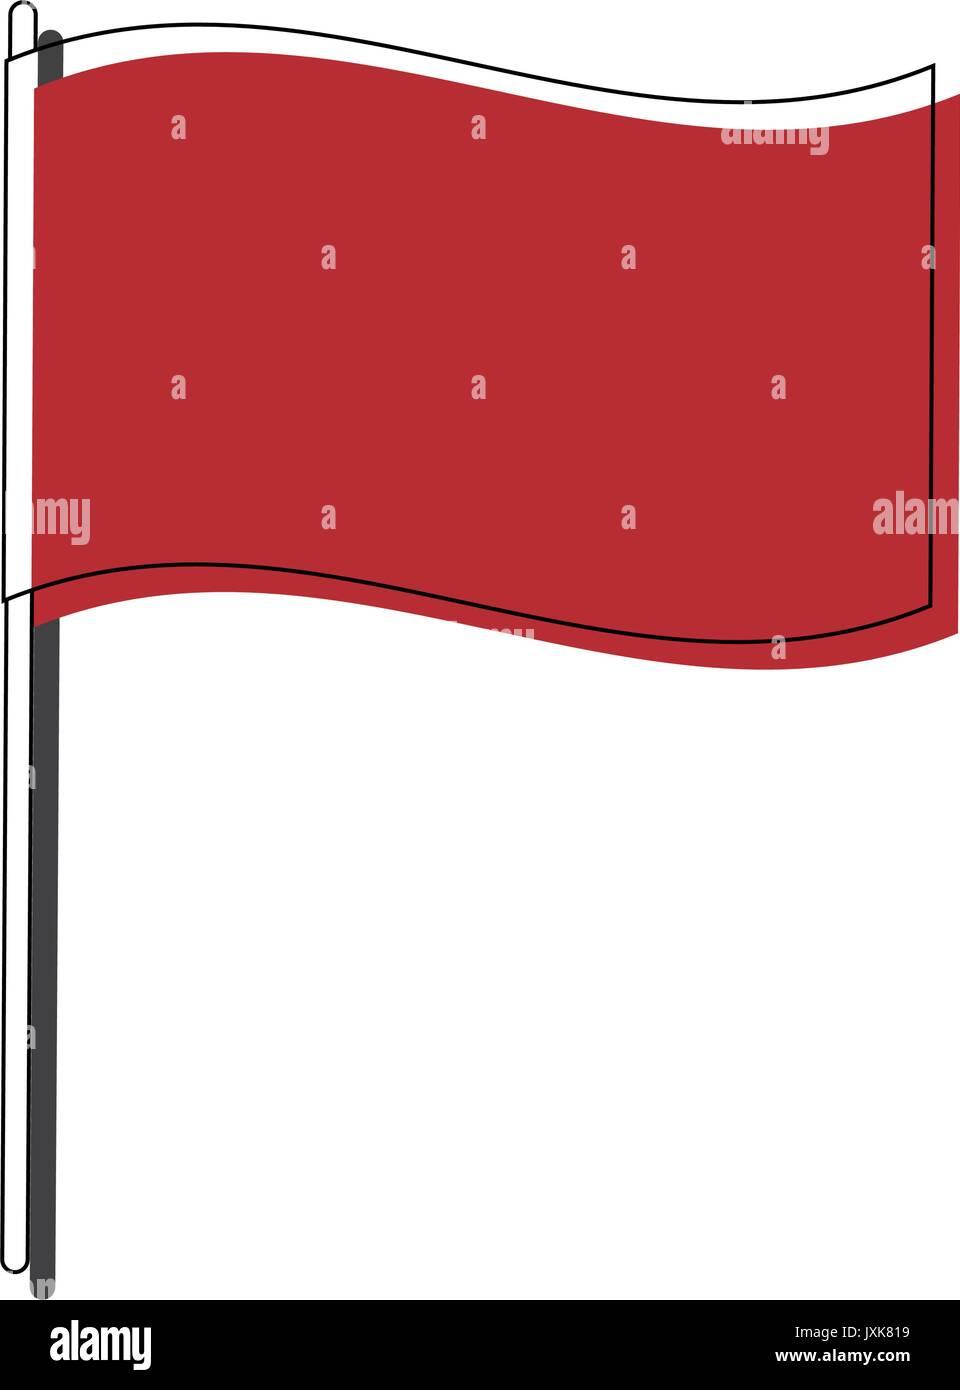 Flagge der Nation genaue Abmessungen element Proportionen Stockbild